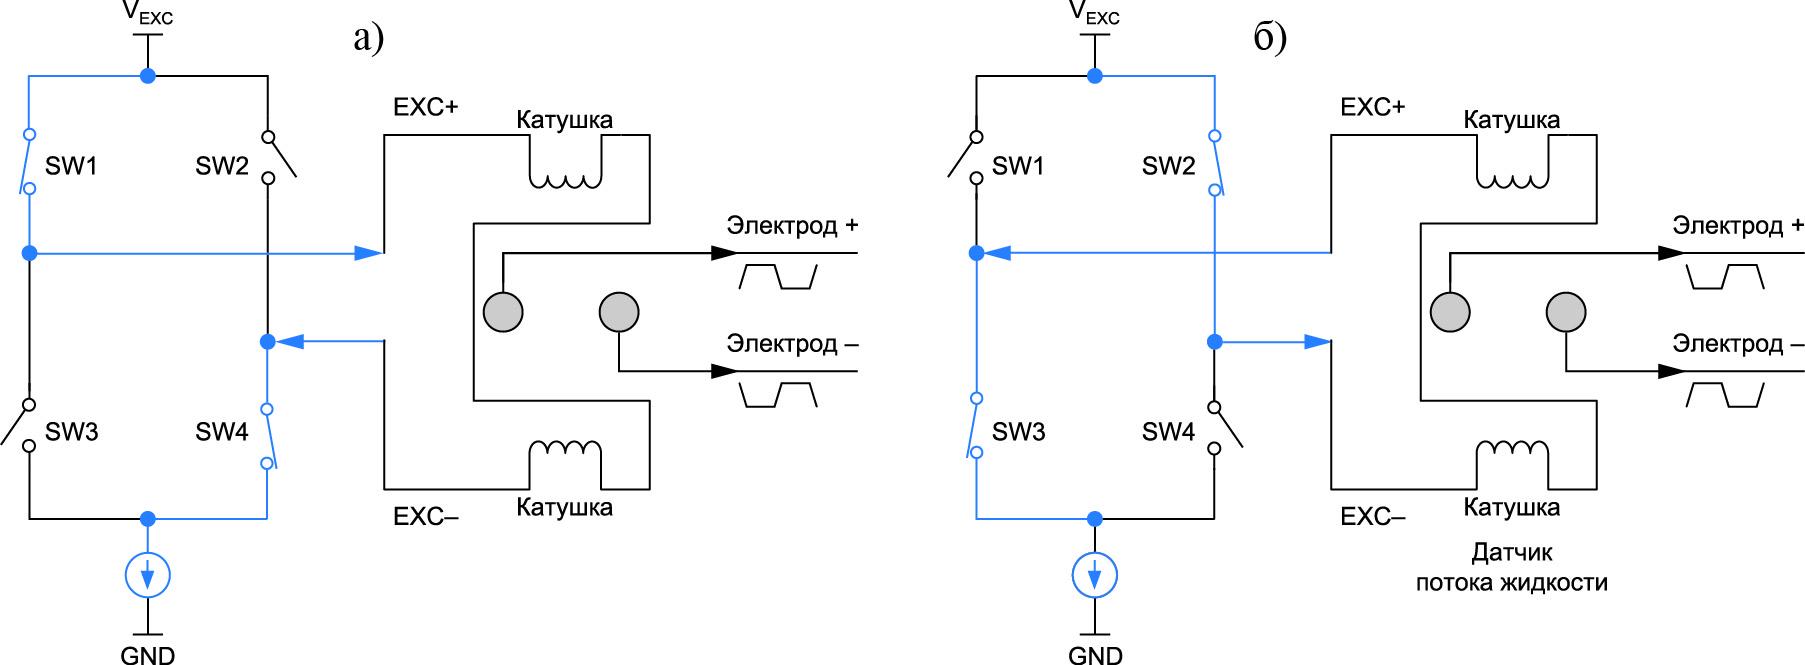 Управление фазами возбуждения катушки датчика при помощи Н образного моста